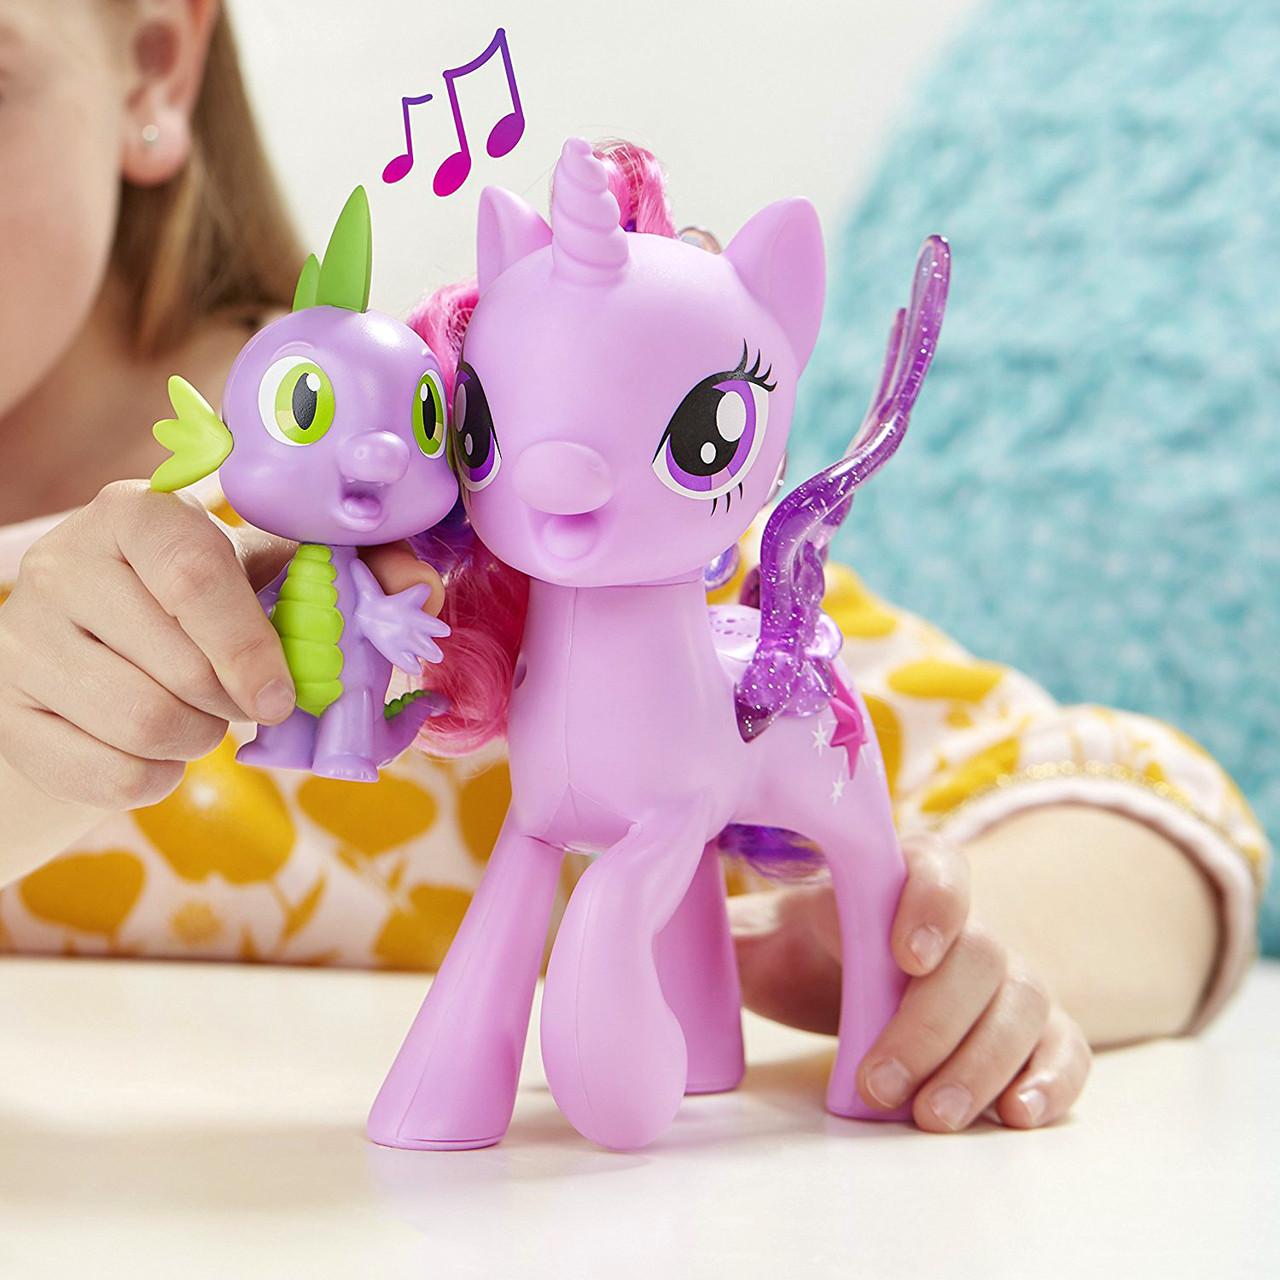 Игровой набор Сияние Поющие Twilight Sparkle и Spike, «My ...